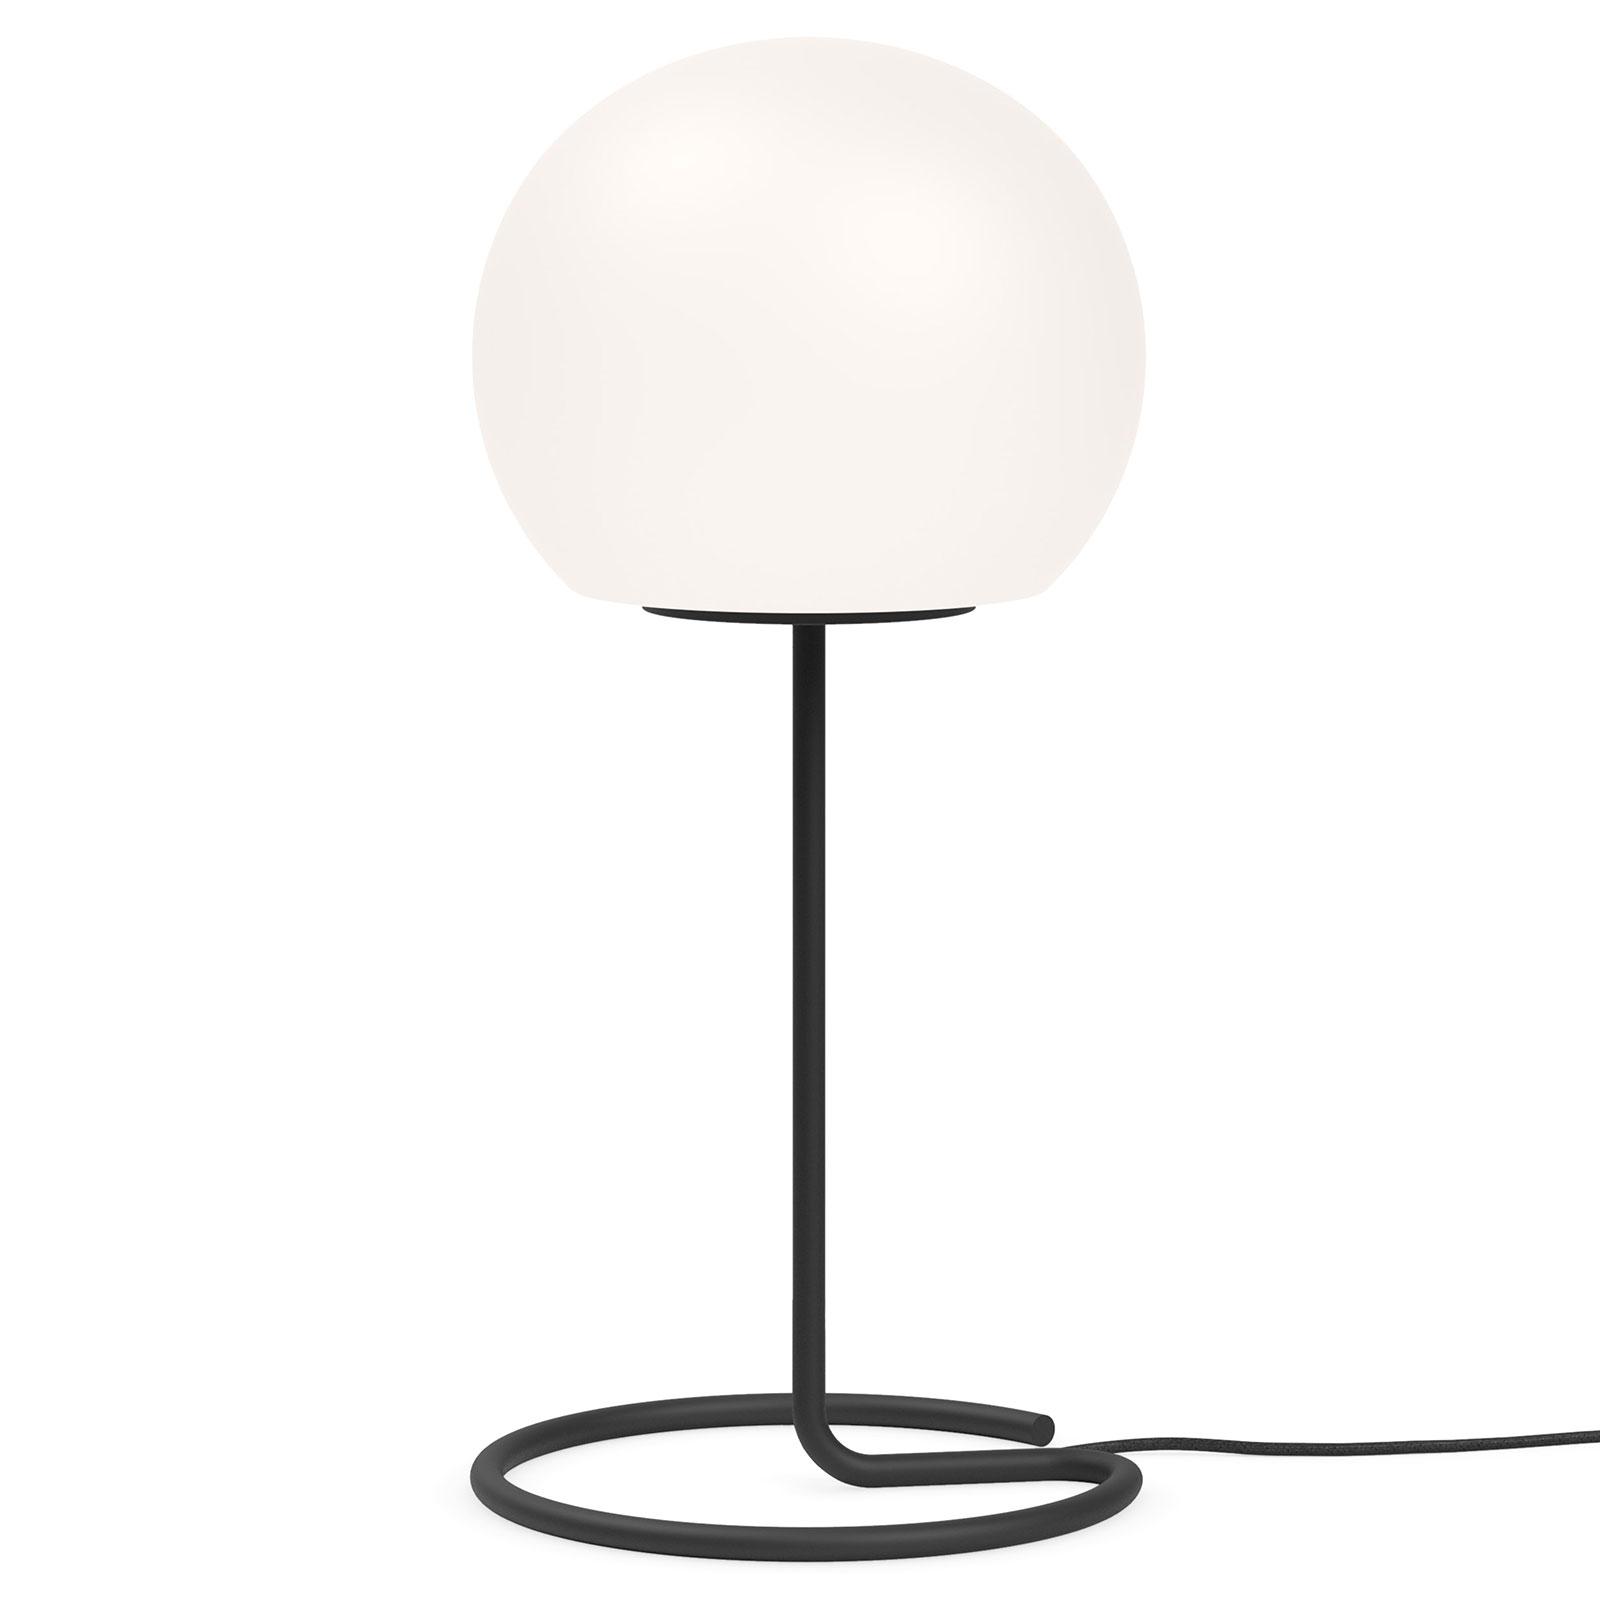 WEVER & DUCRÉ Dro 3.0 tafellamp voet zwart-wit